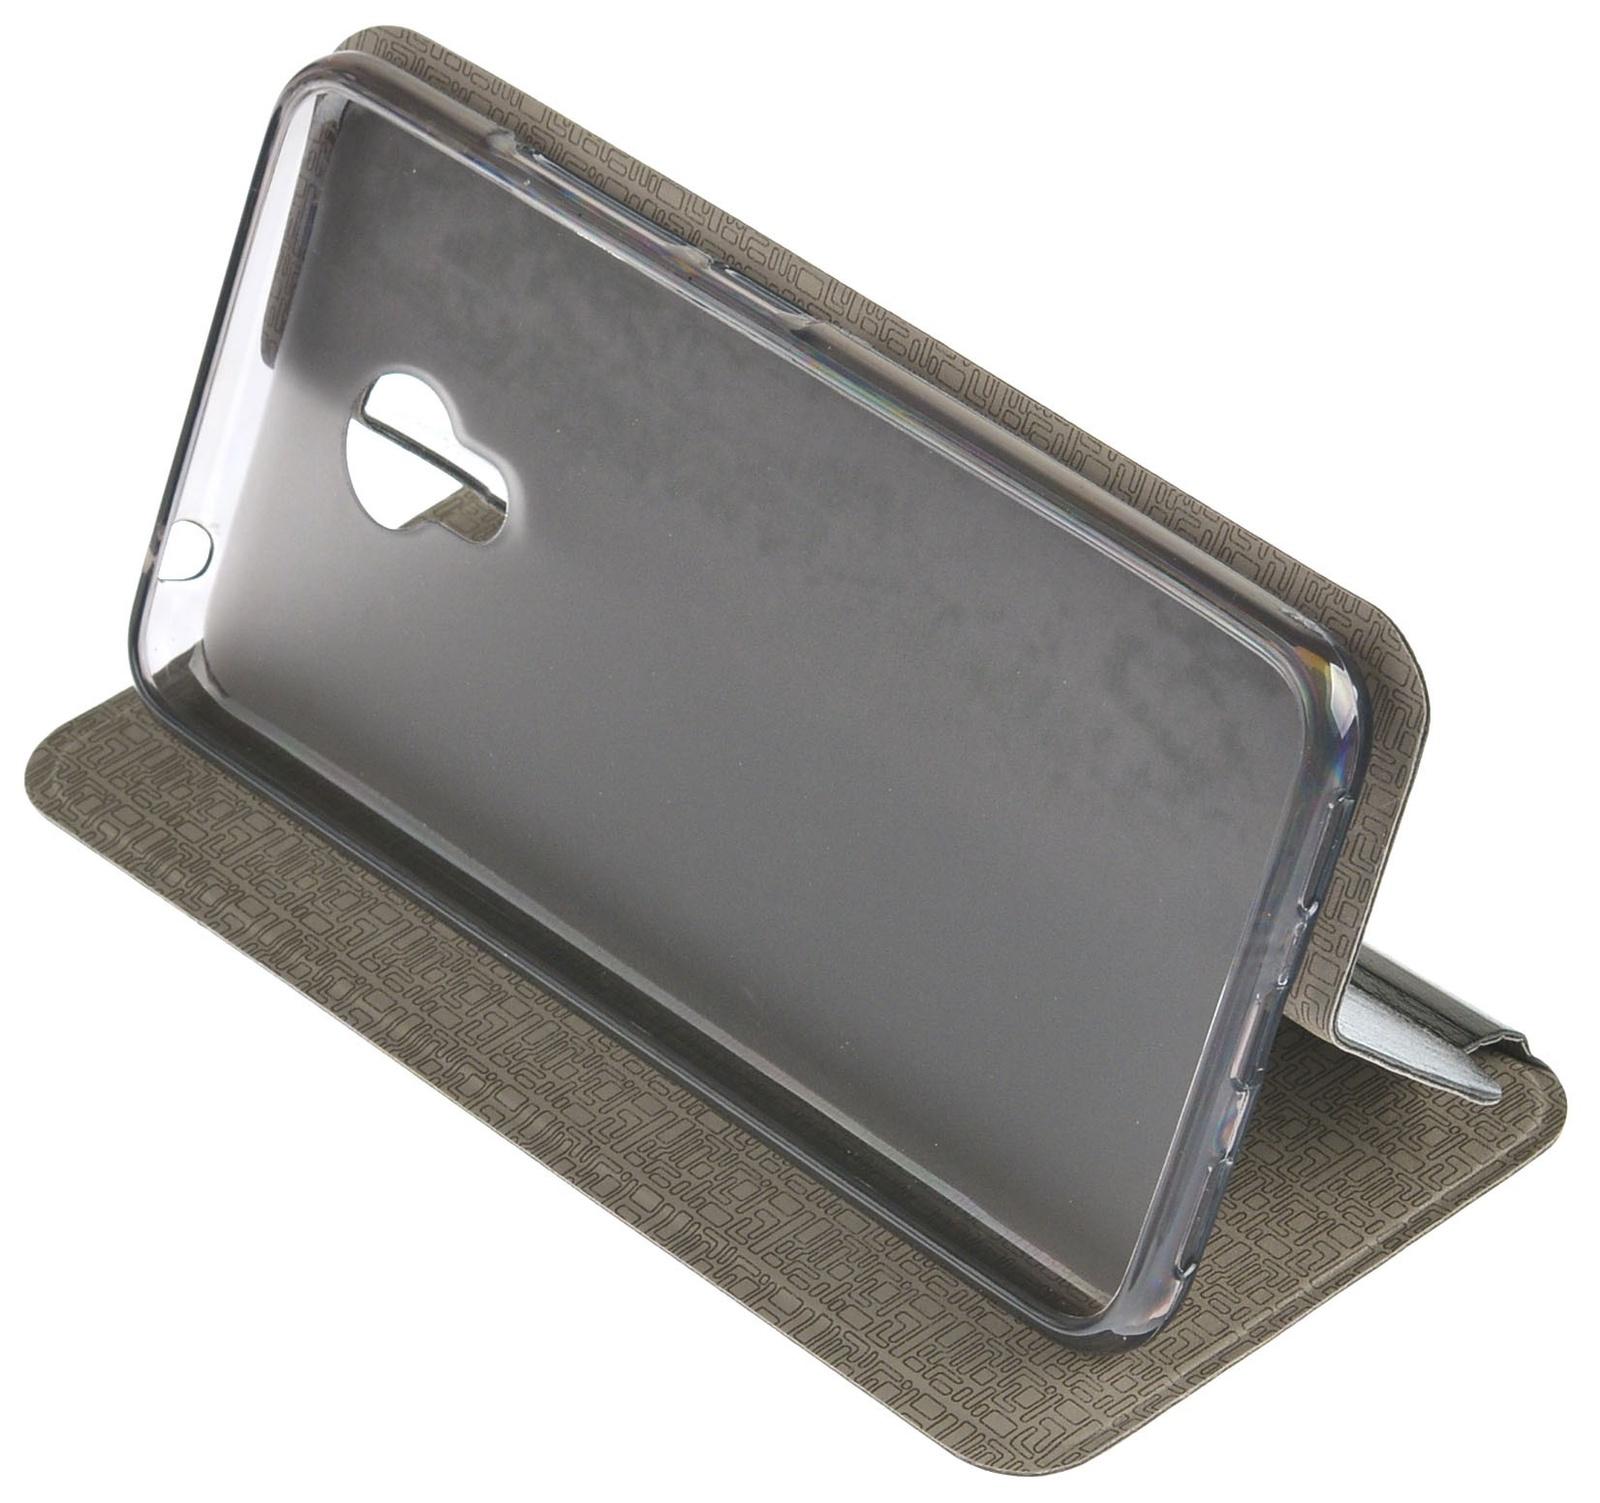 Чехол для сотового телефона skinBOX Lux, 4660041407600, черный